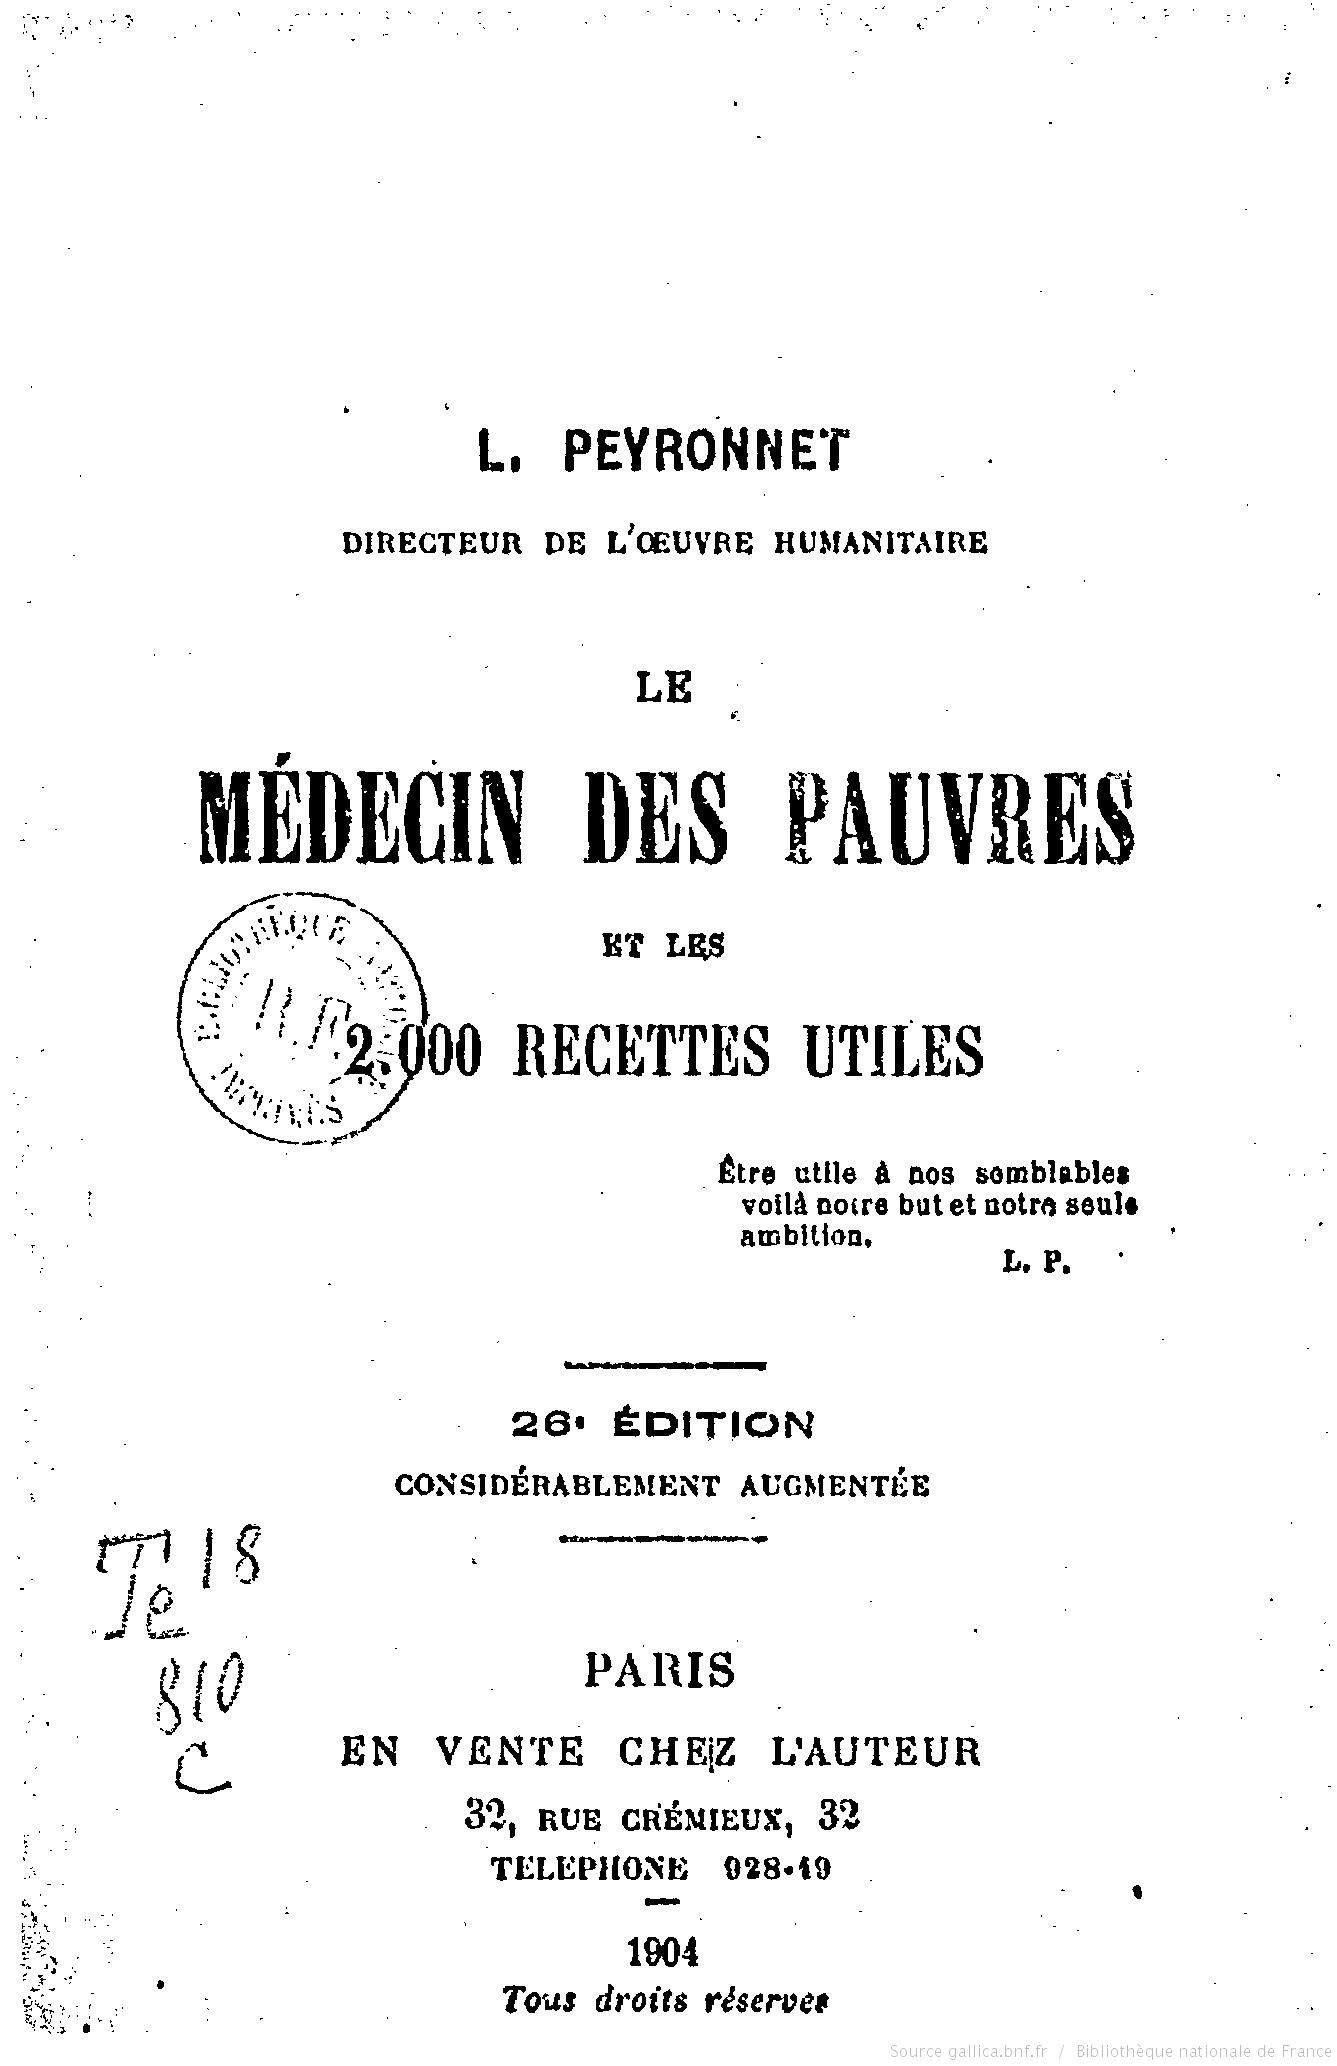 Le Médecin des pauvres et les 2000 recette utiles-Dr Peyronnet